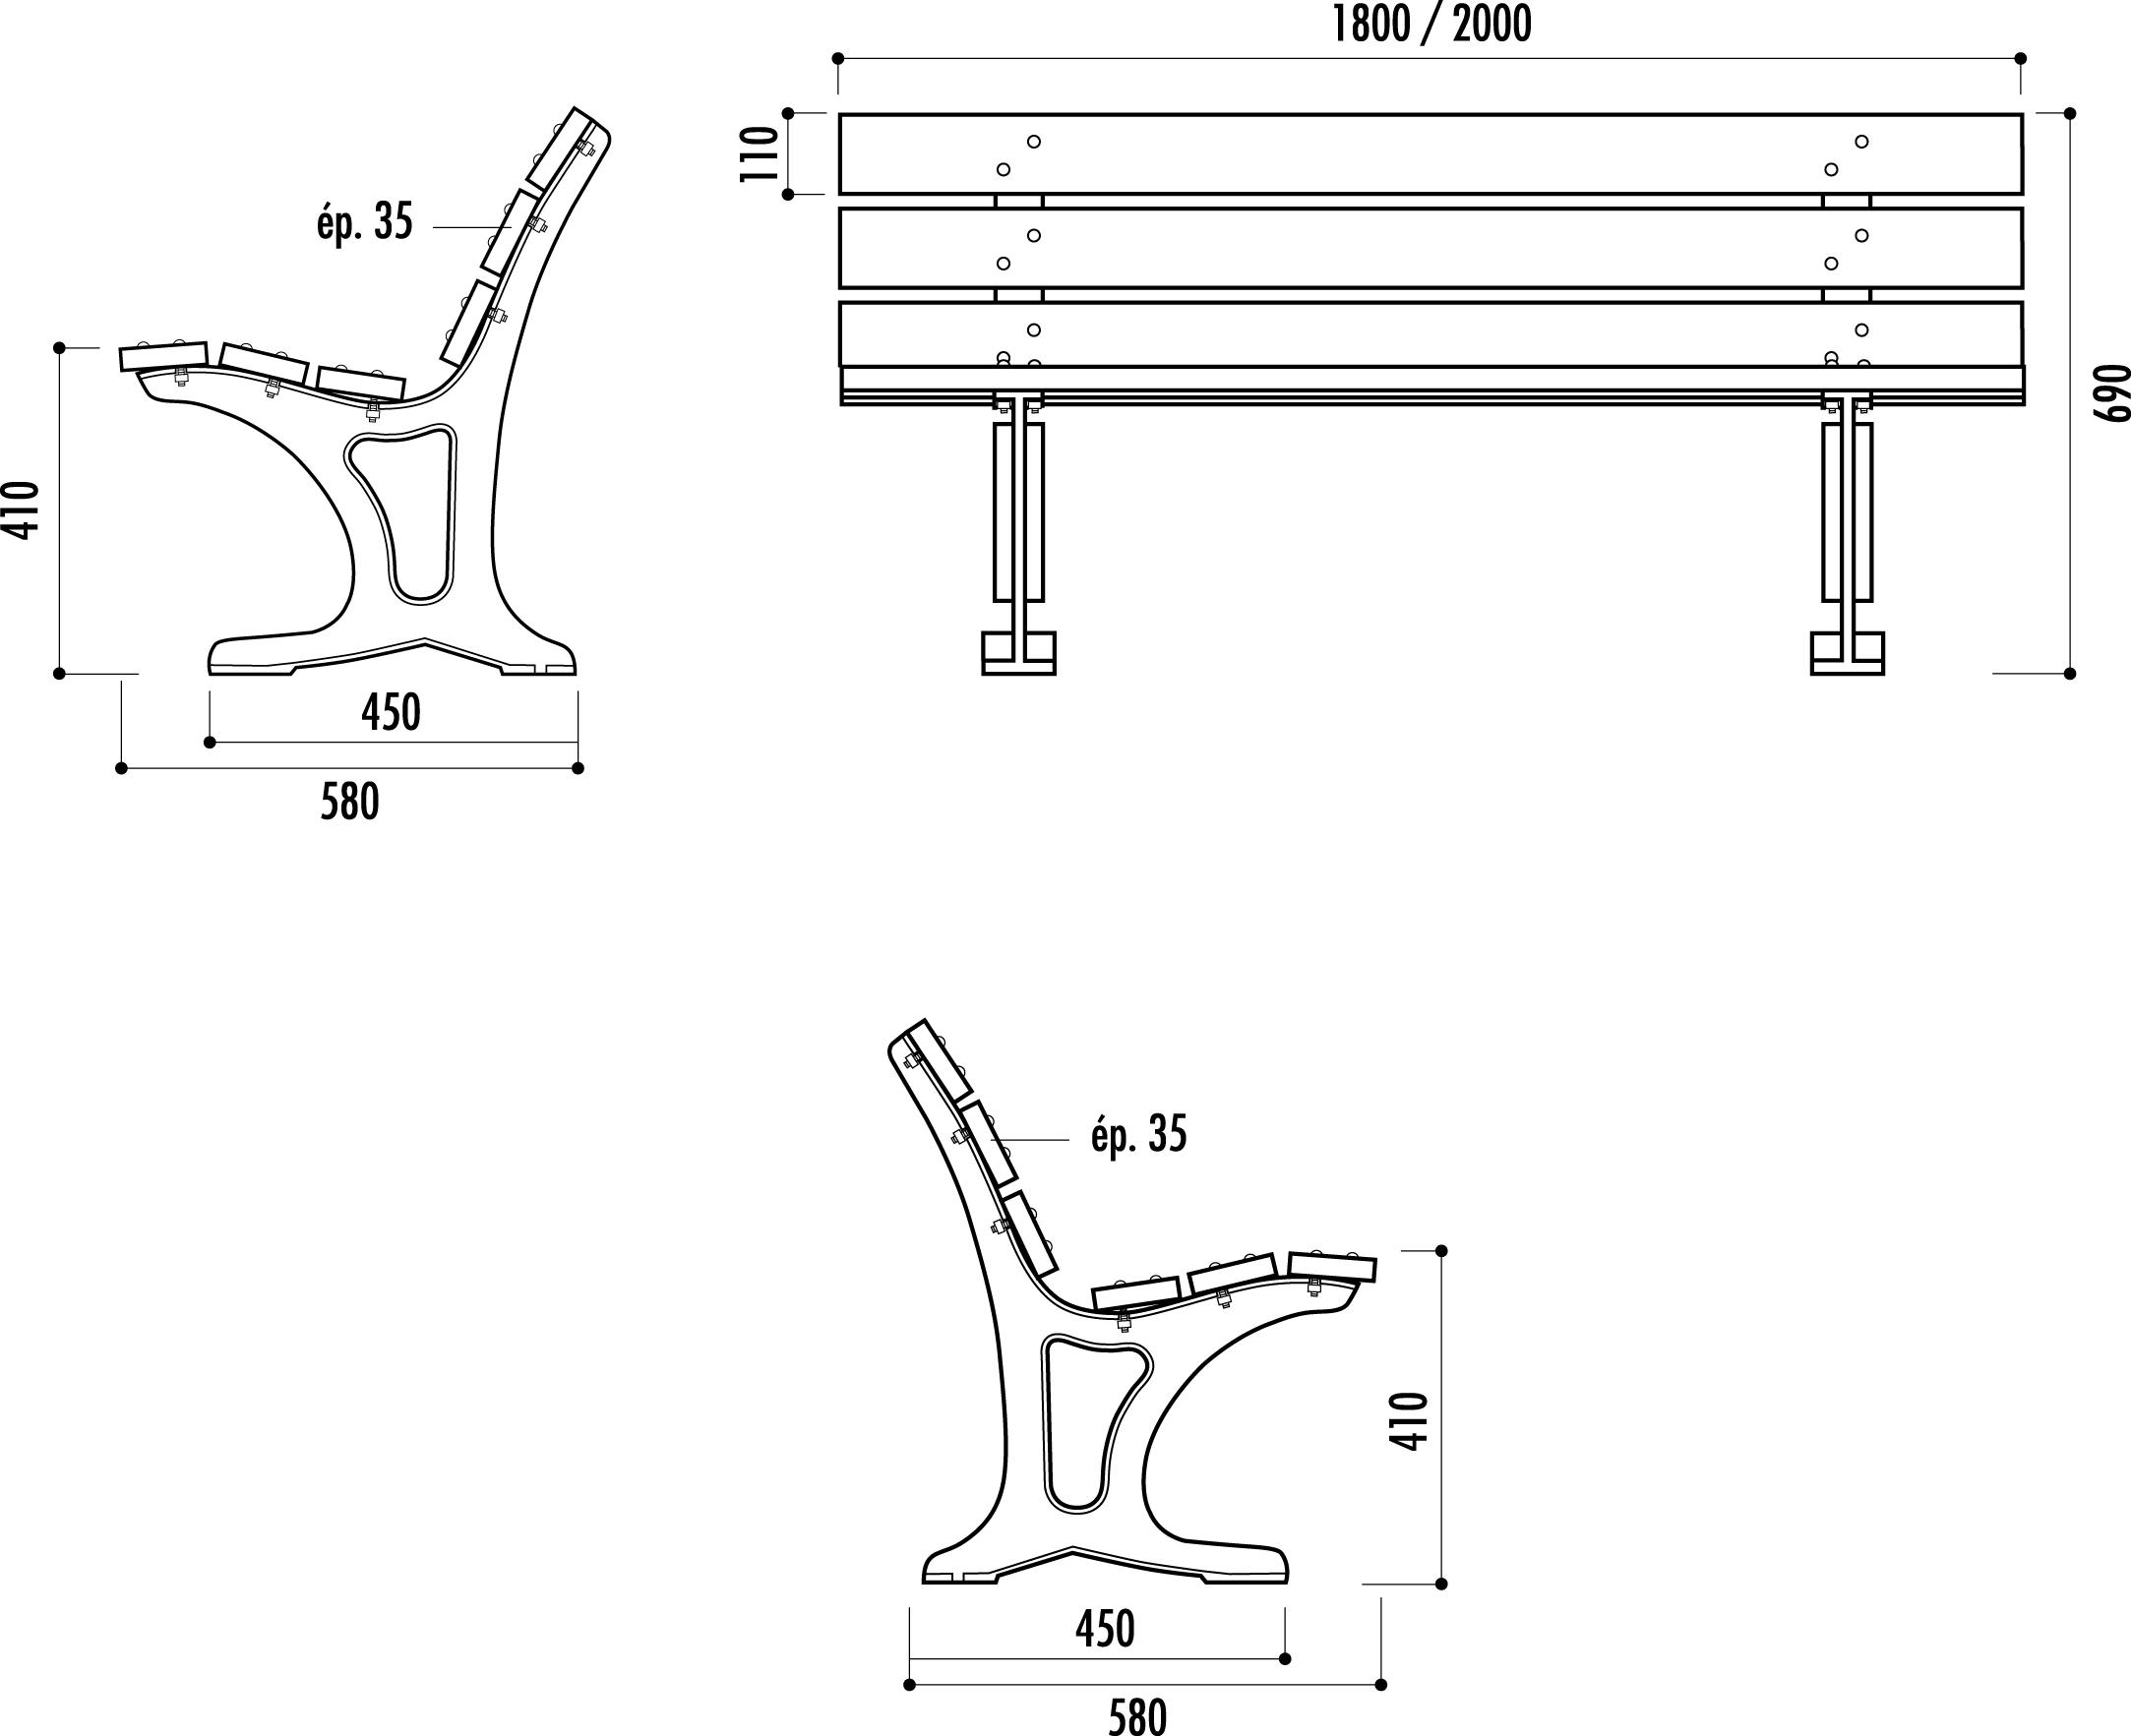 banc ext rieur barcelone mobilier urbain banc public en bois. Black Bedroom Furniture Sets. Home Design Ideas